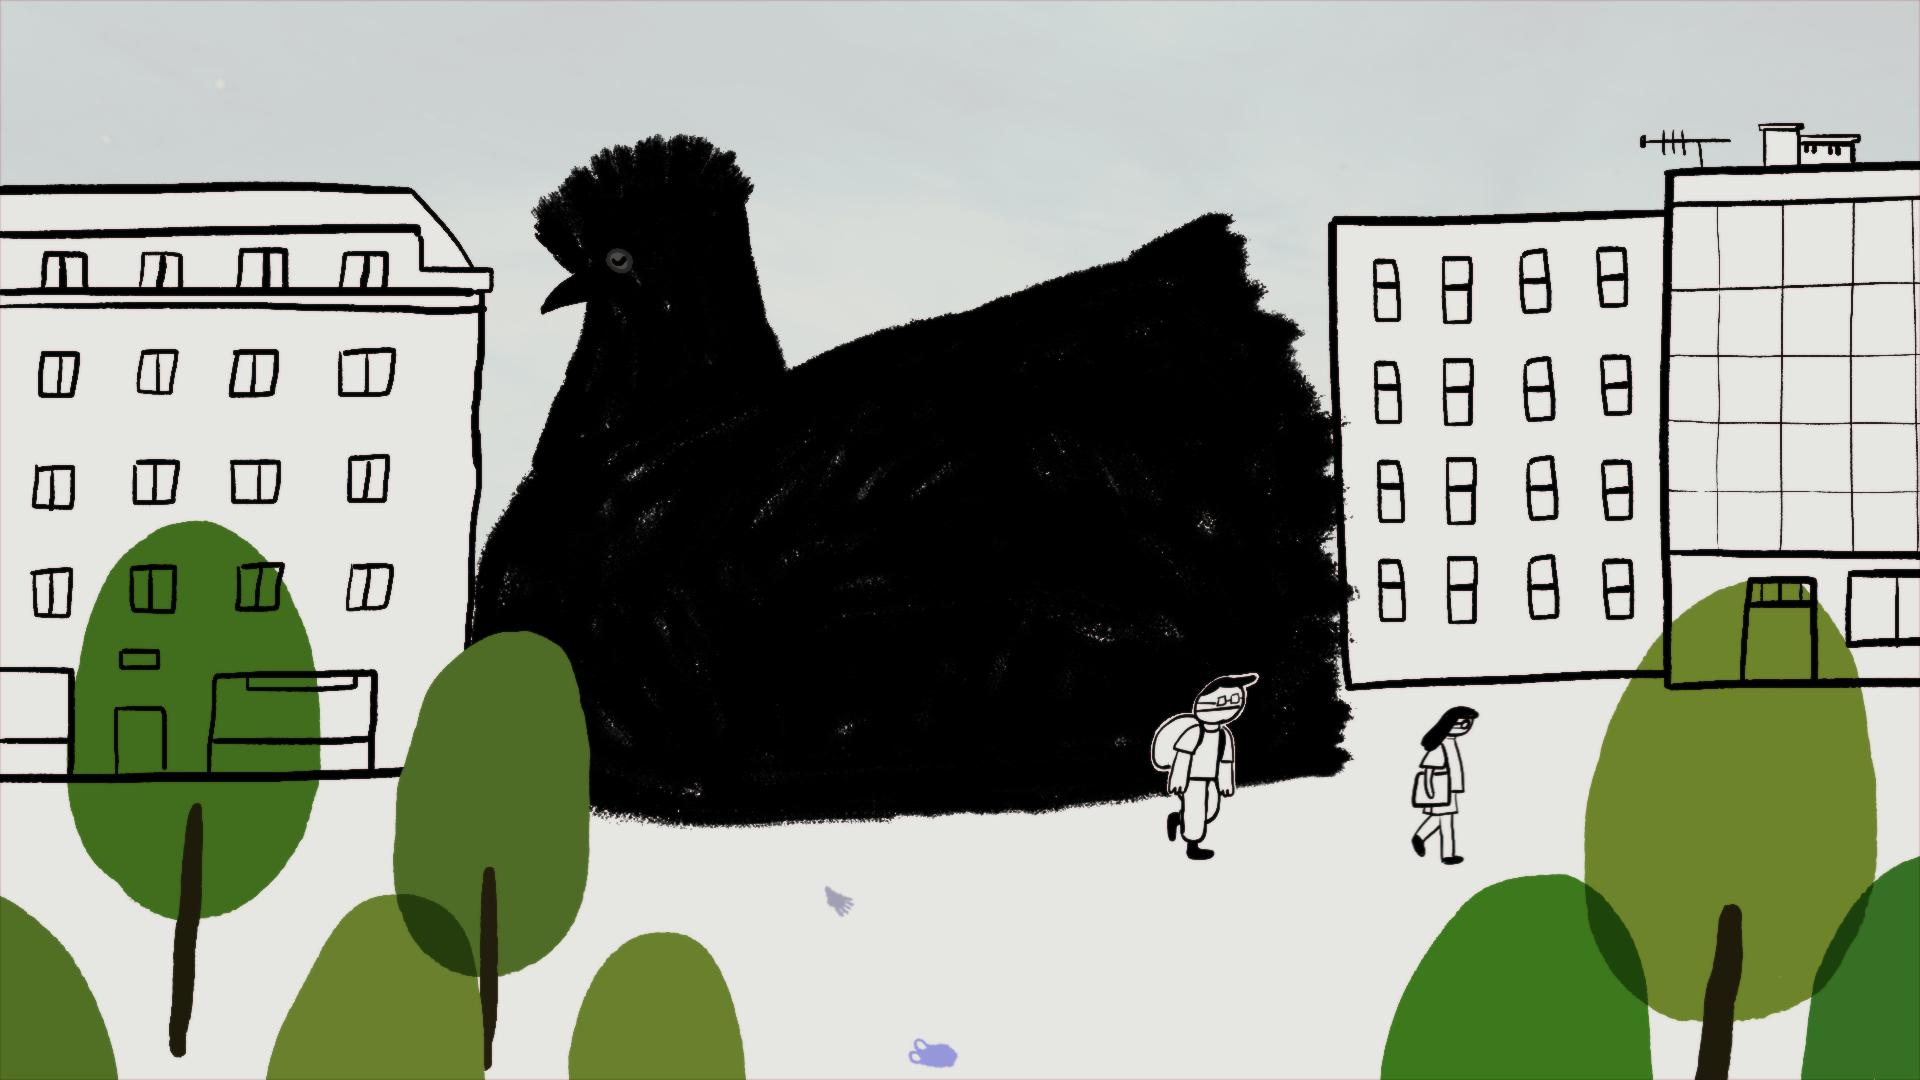 Polscy twórcy filmowi w nowej antologii HBO o doświadczaniu izolacji